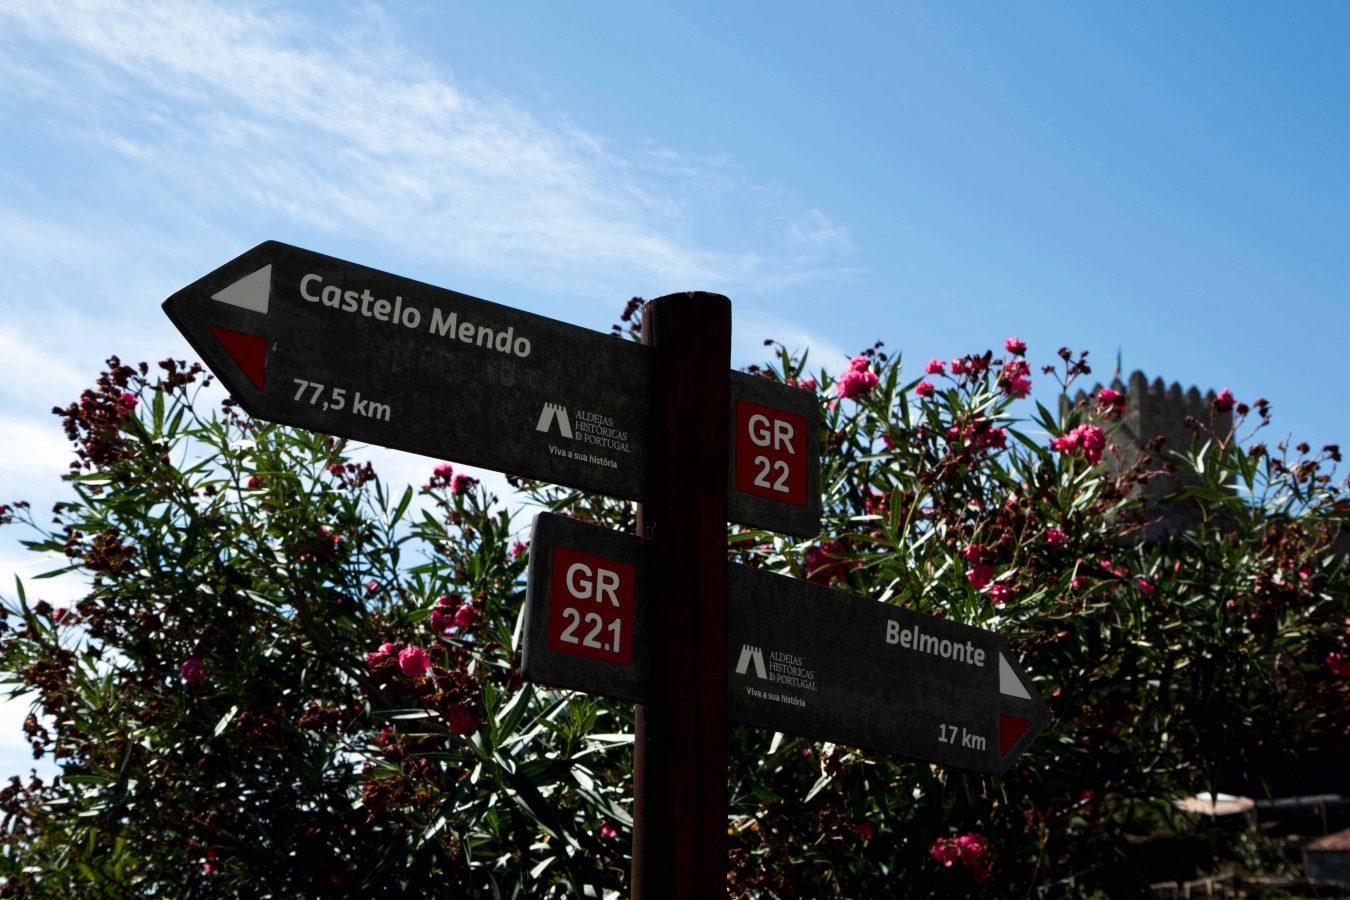 Grande Rota das Aldeias Históricas de Portugal torna-se a maior rota europeia com selo Leading Quality Trails, Best Of Europe